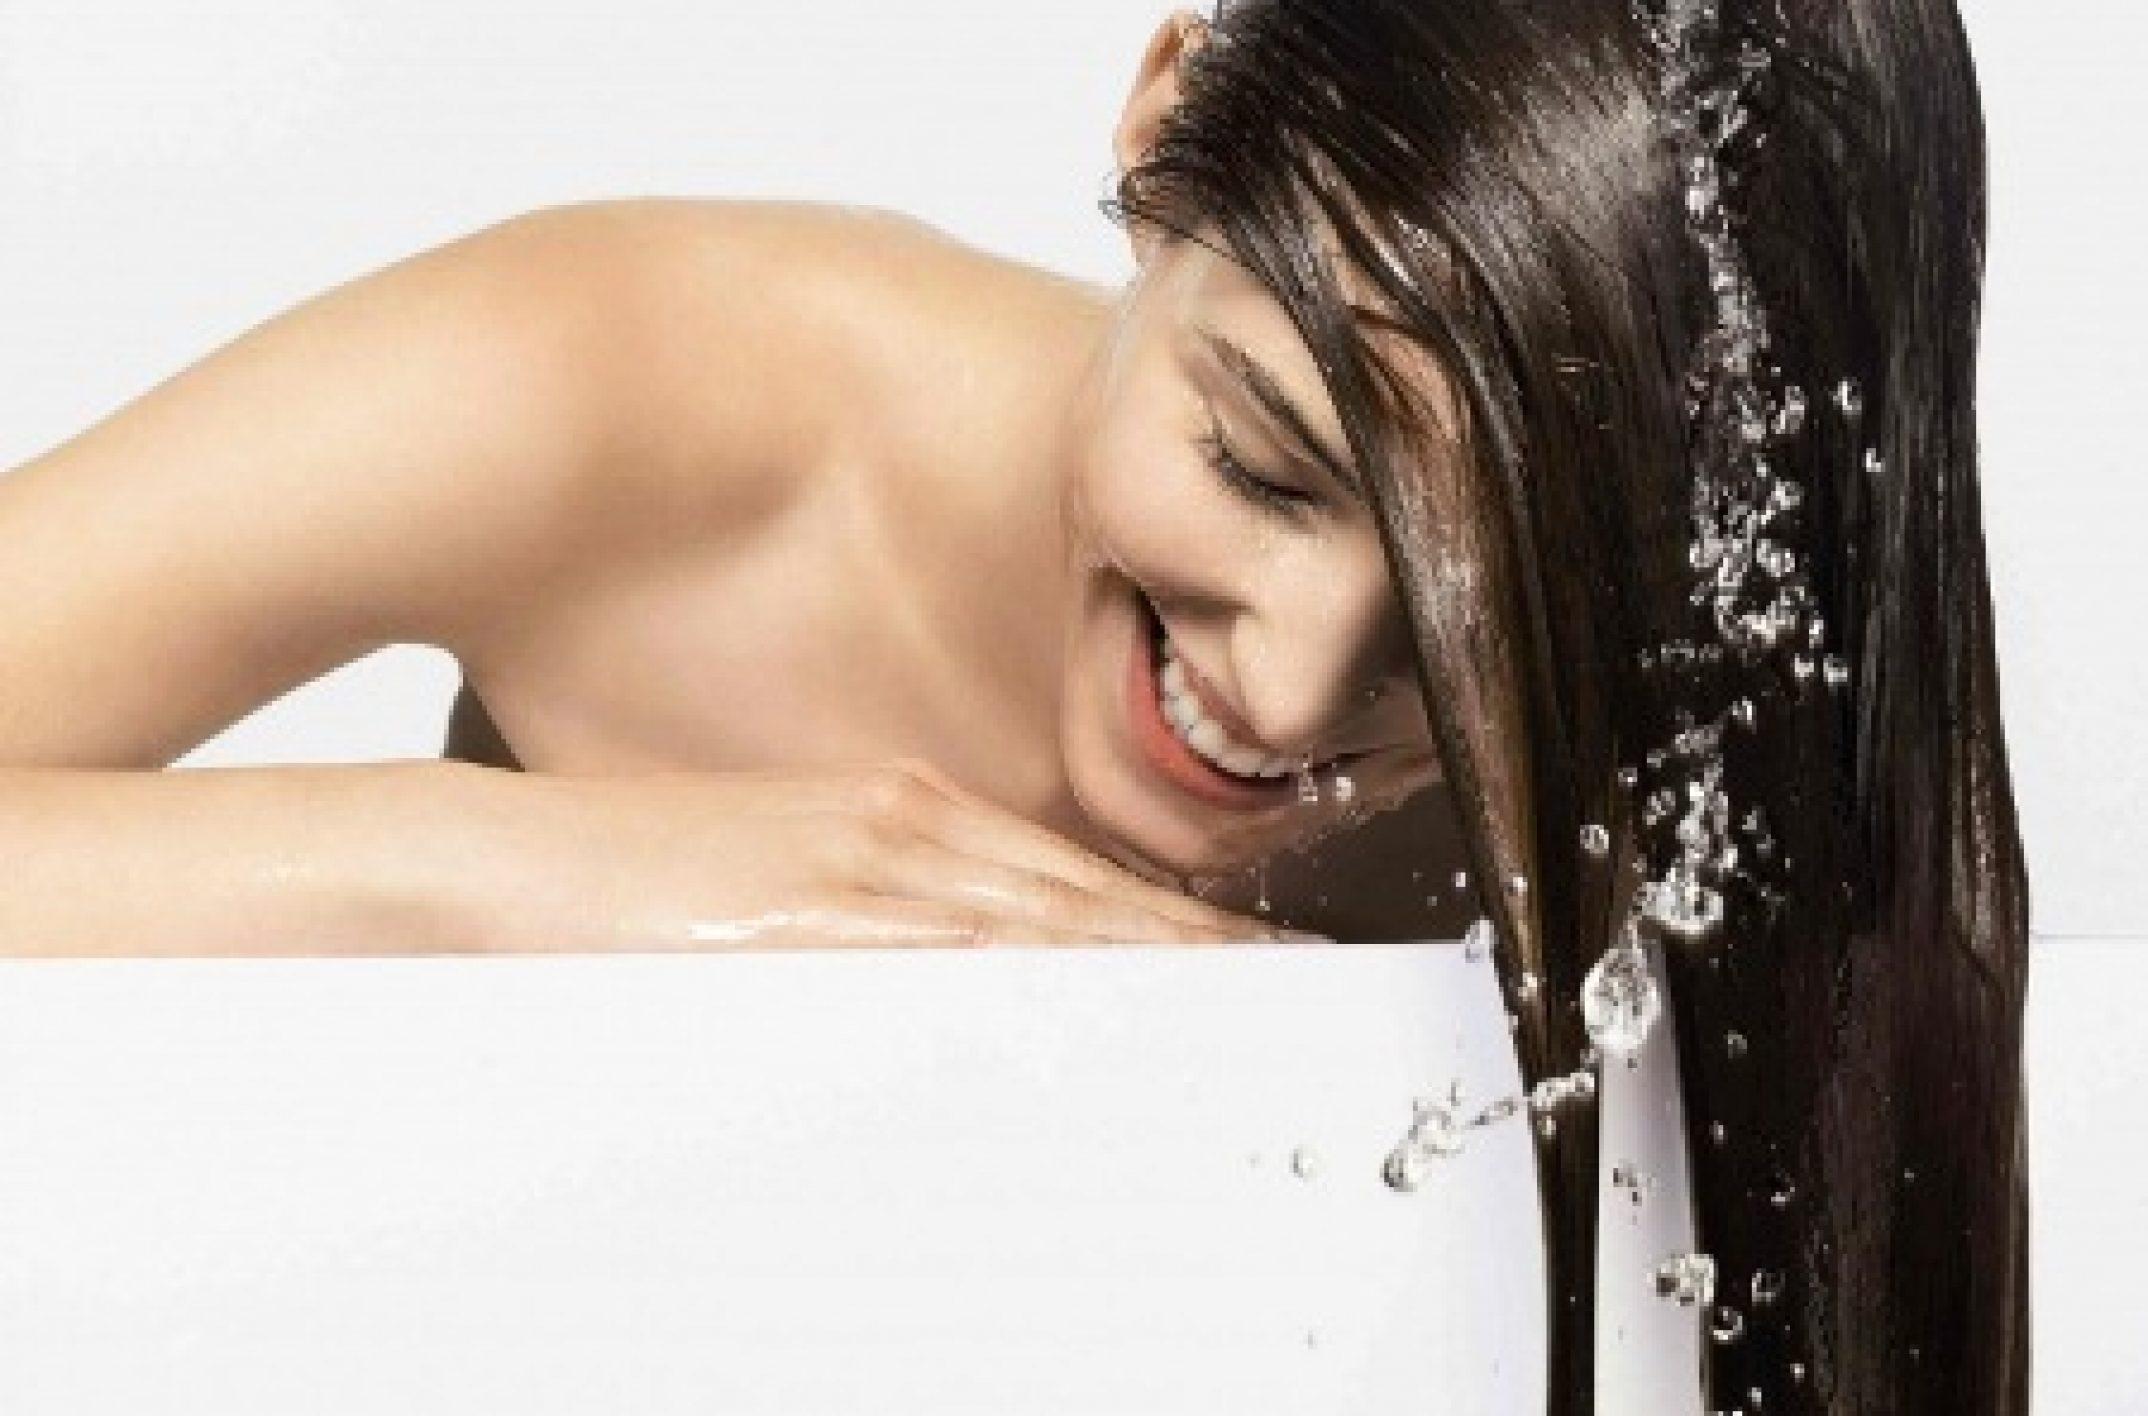 dicas-para-conseguir-o-crescimento-saudavel-do-cabelo-lavar-na-agua-fria